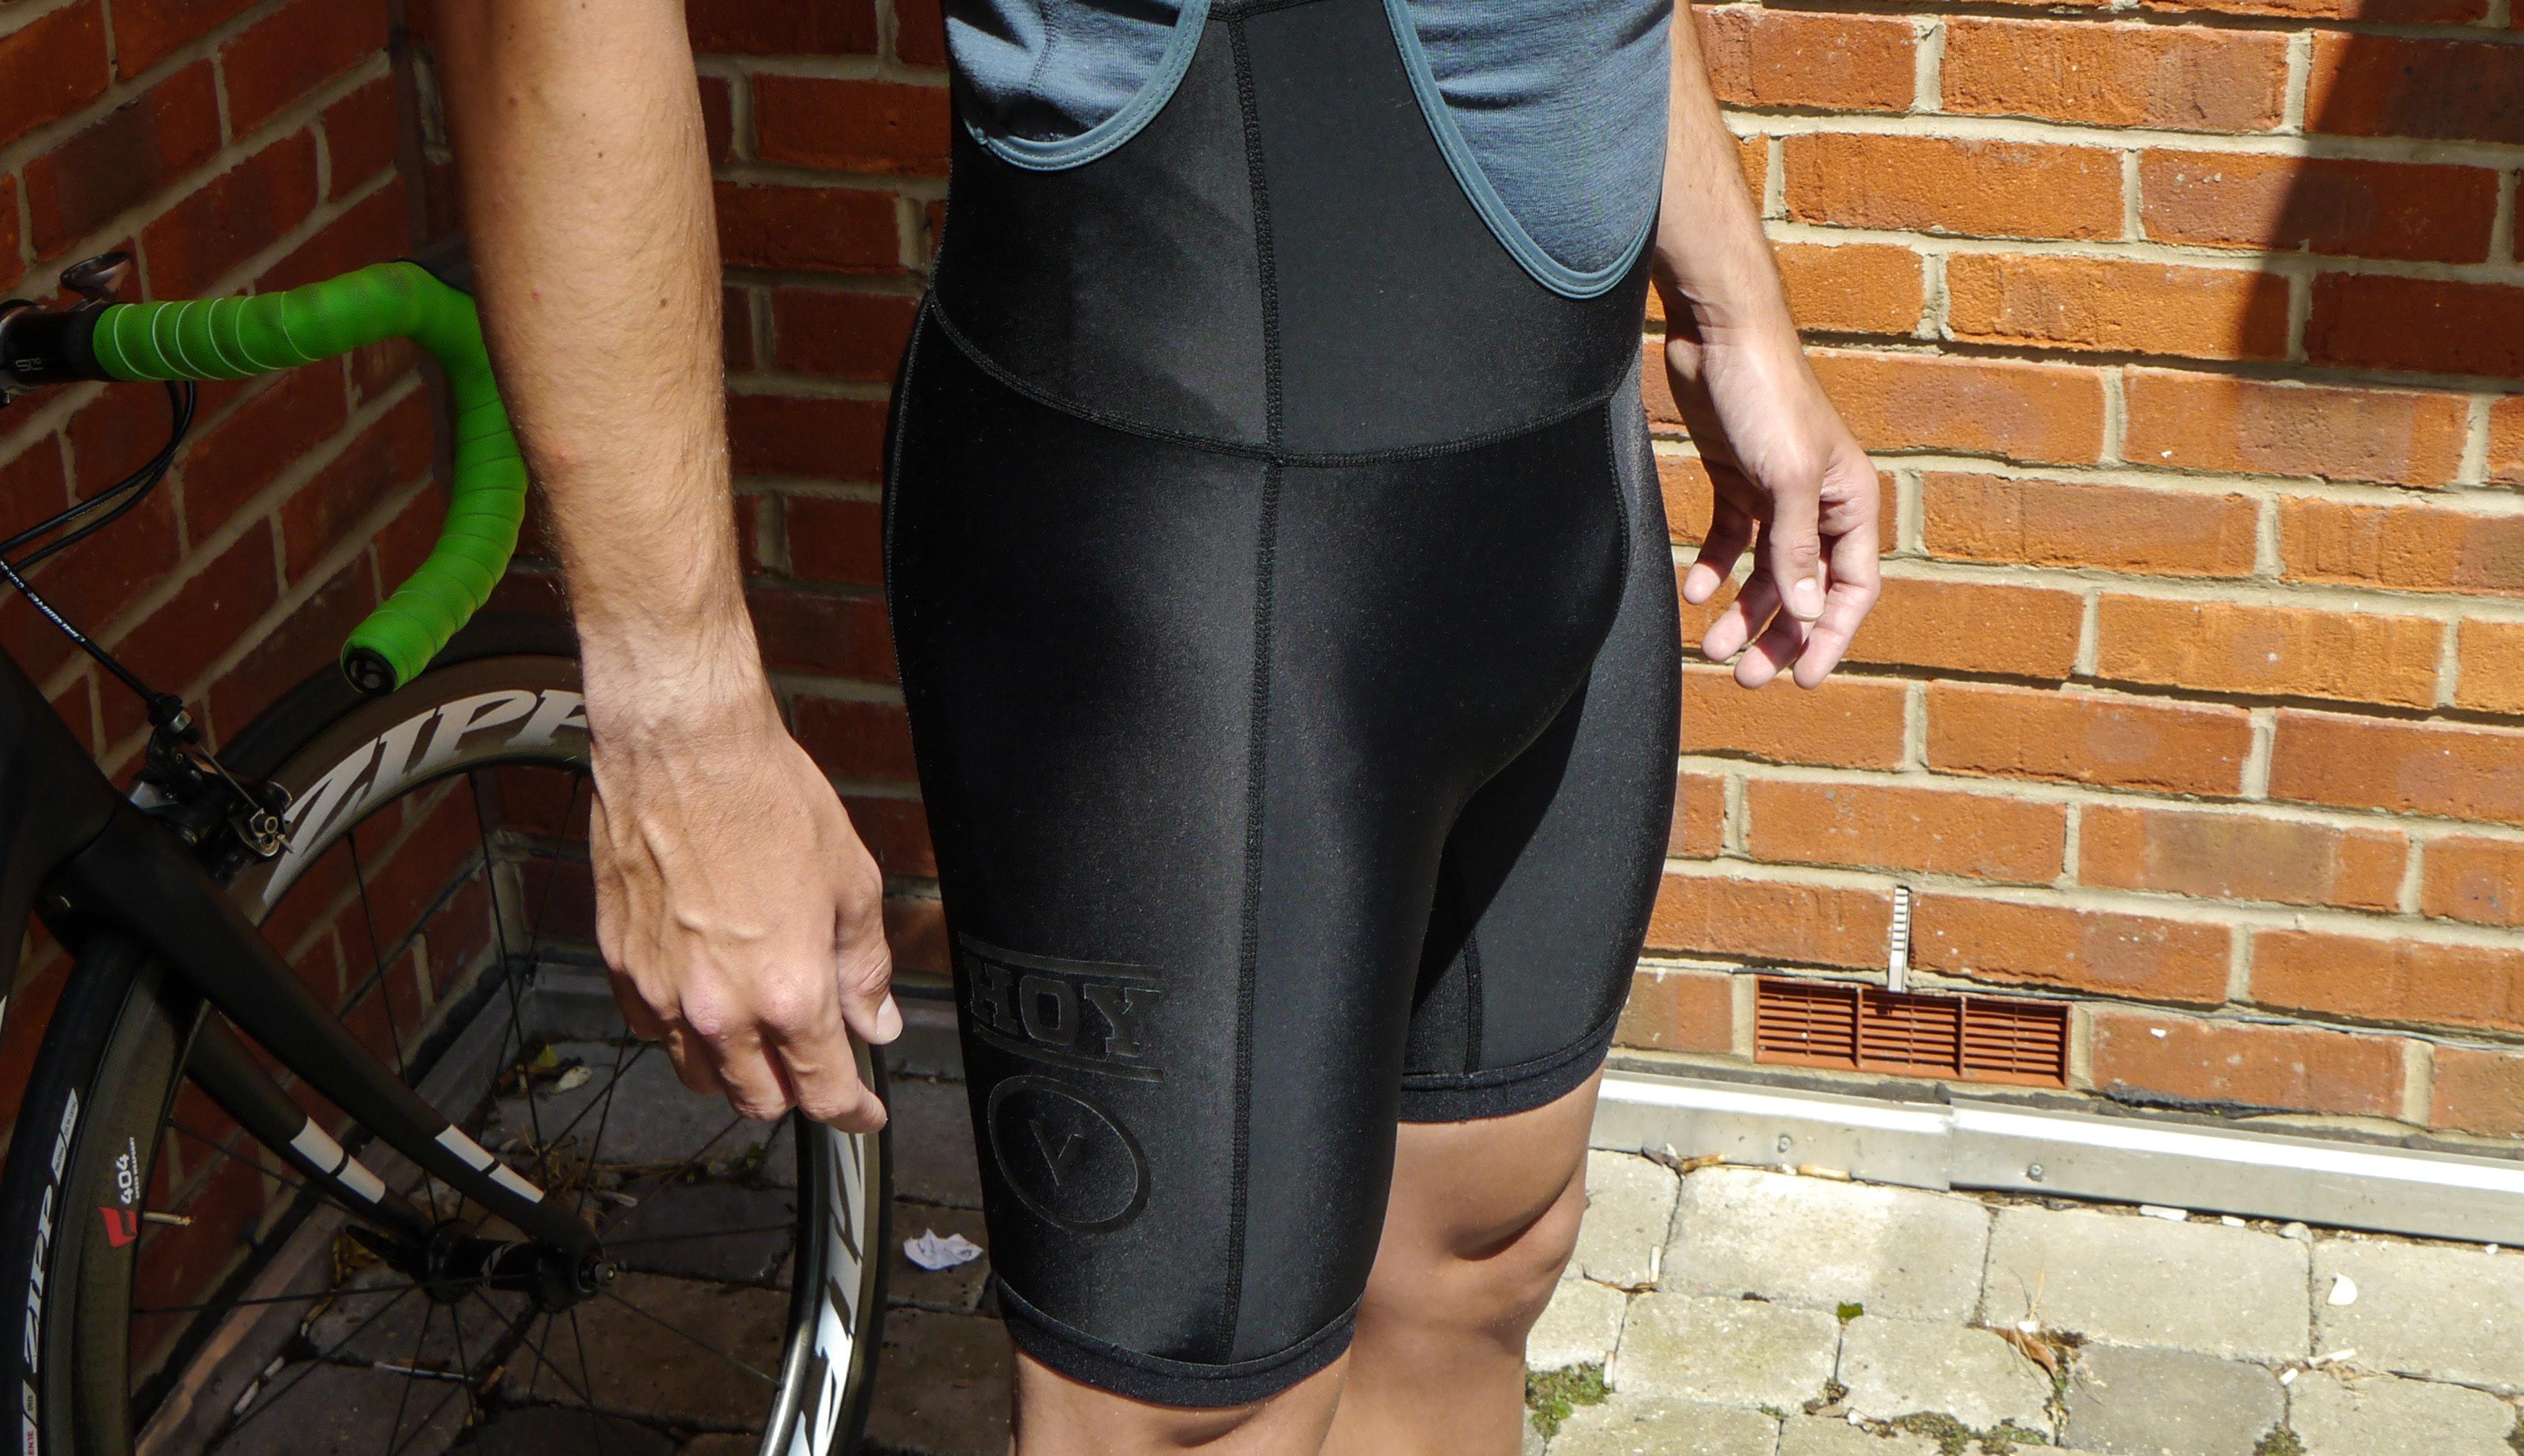 HOY Vulpine El Toro bib shorts